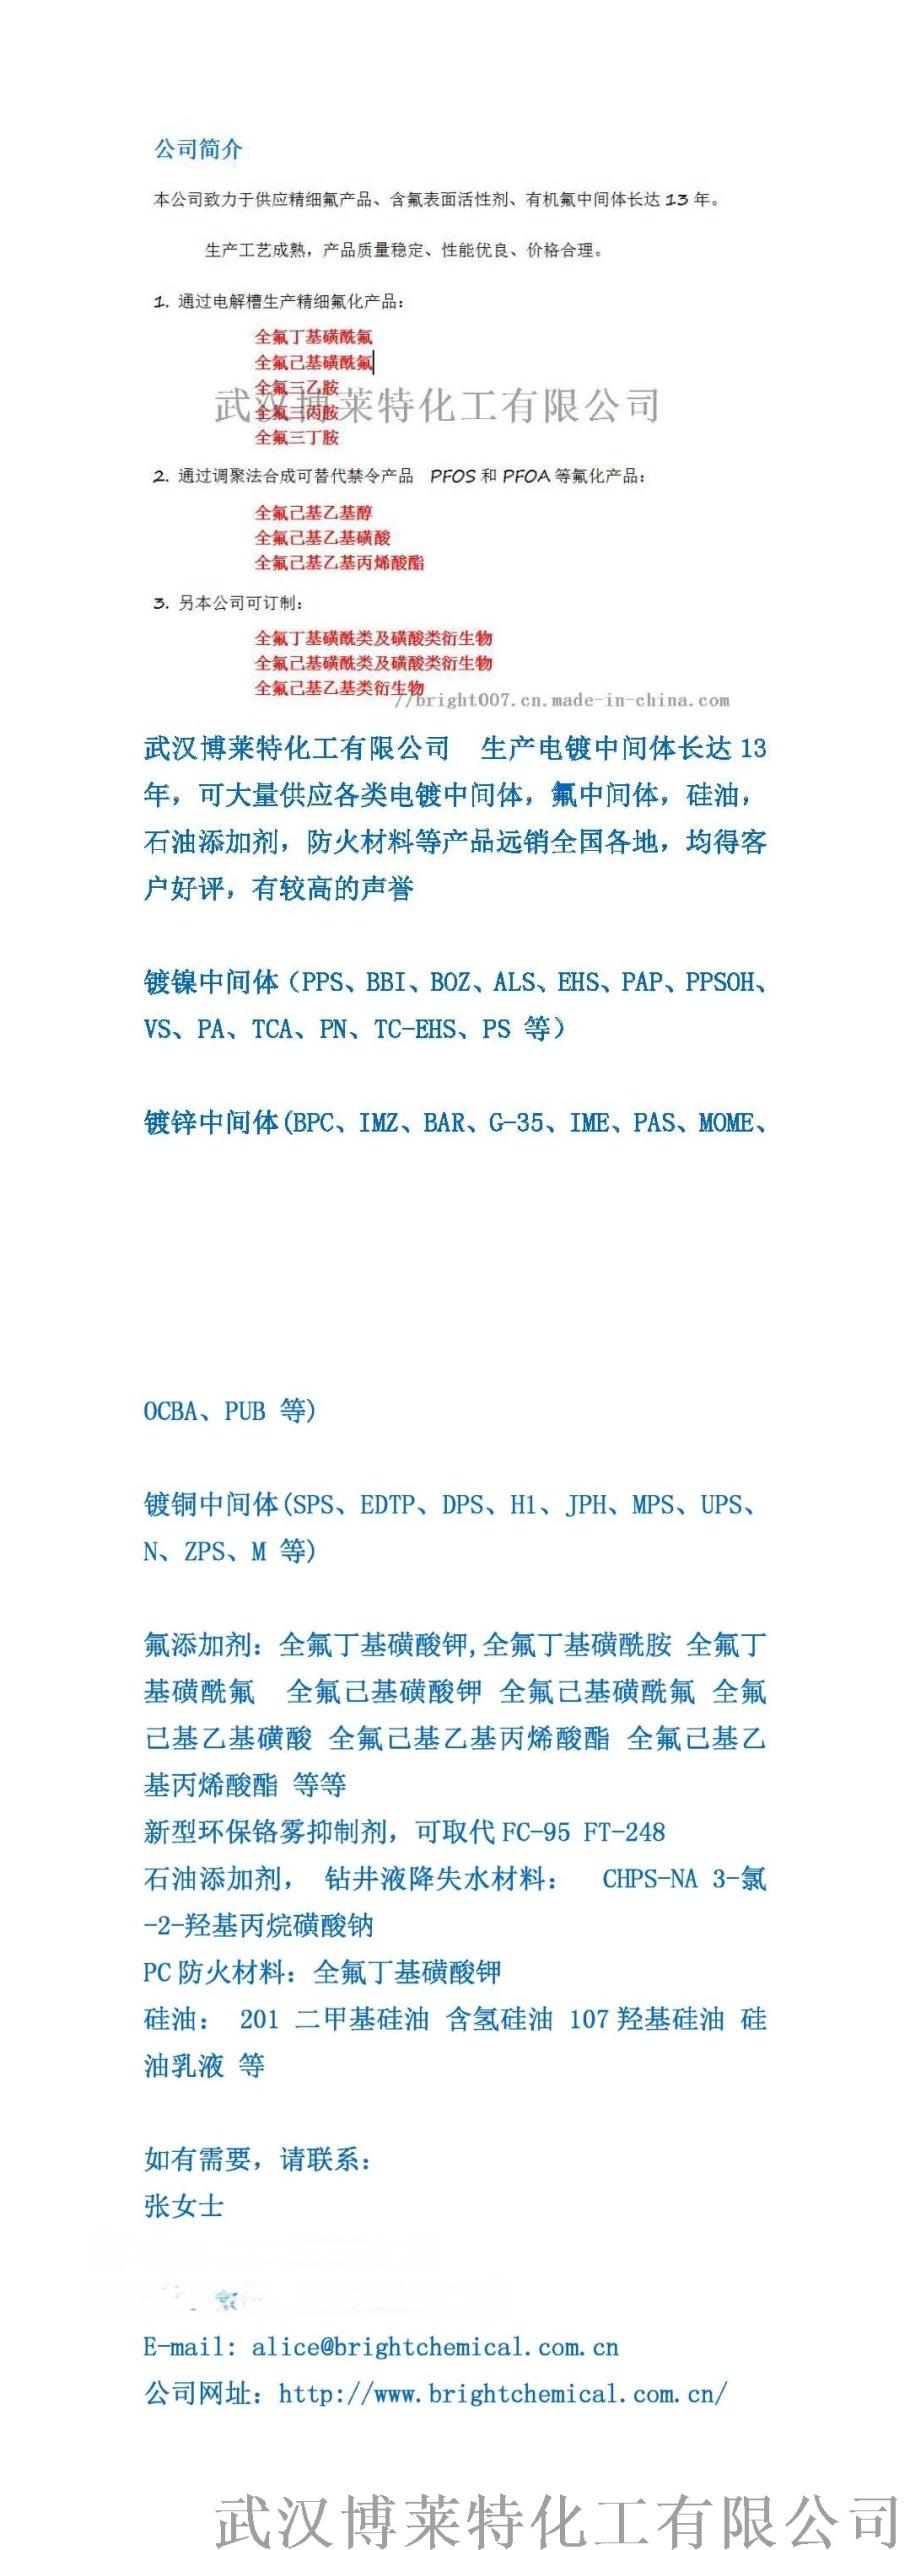 高品质全氟-1-丁磺酸 CAS: 373-73-5140217715